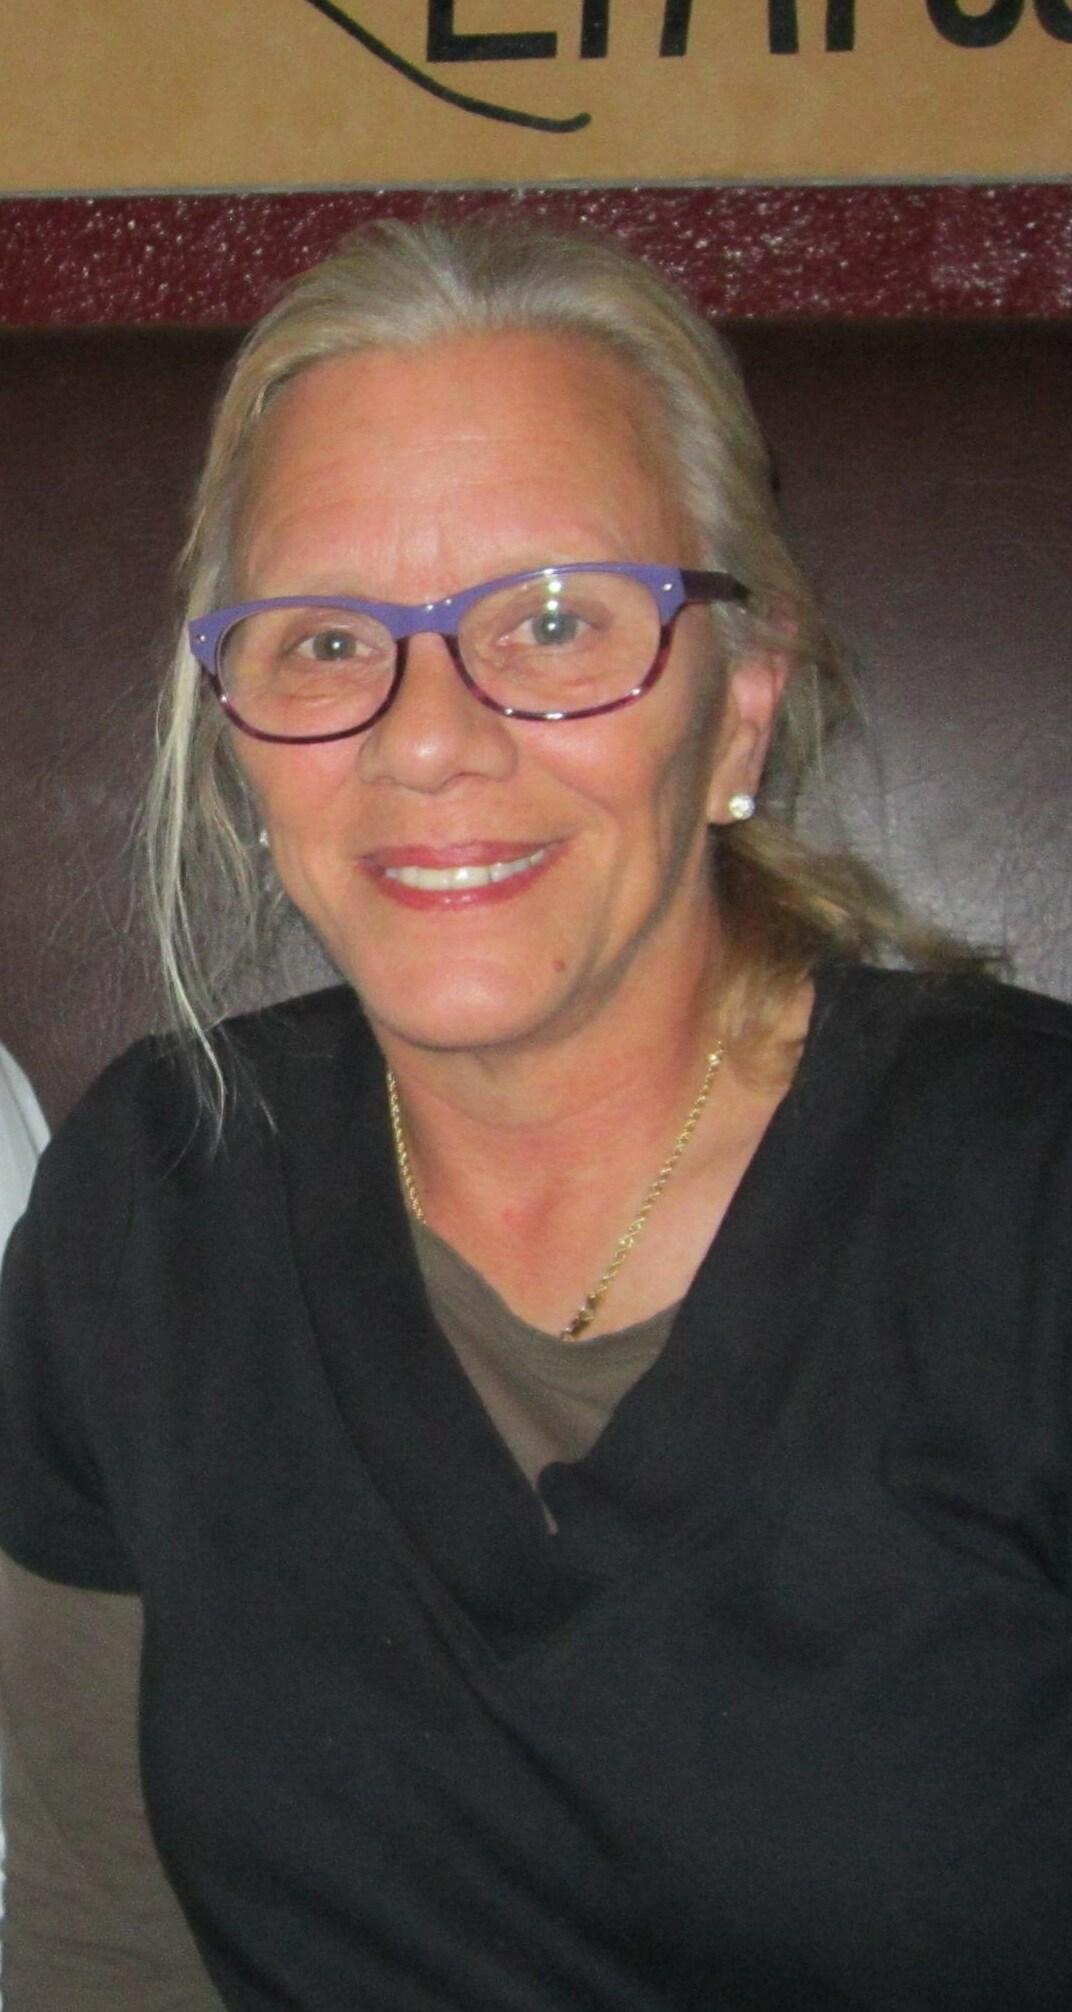 Barbara from South San Francisco